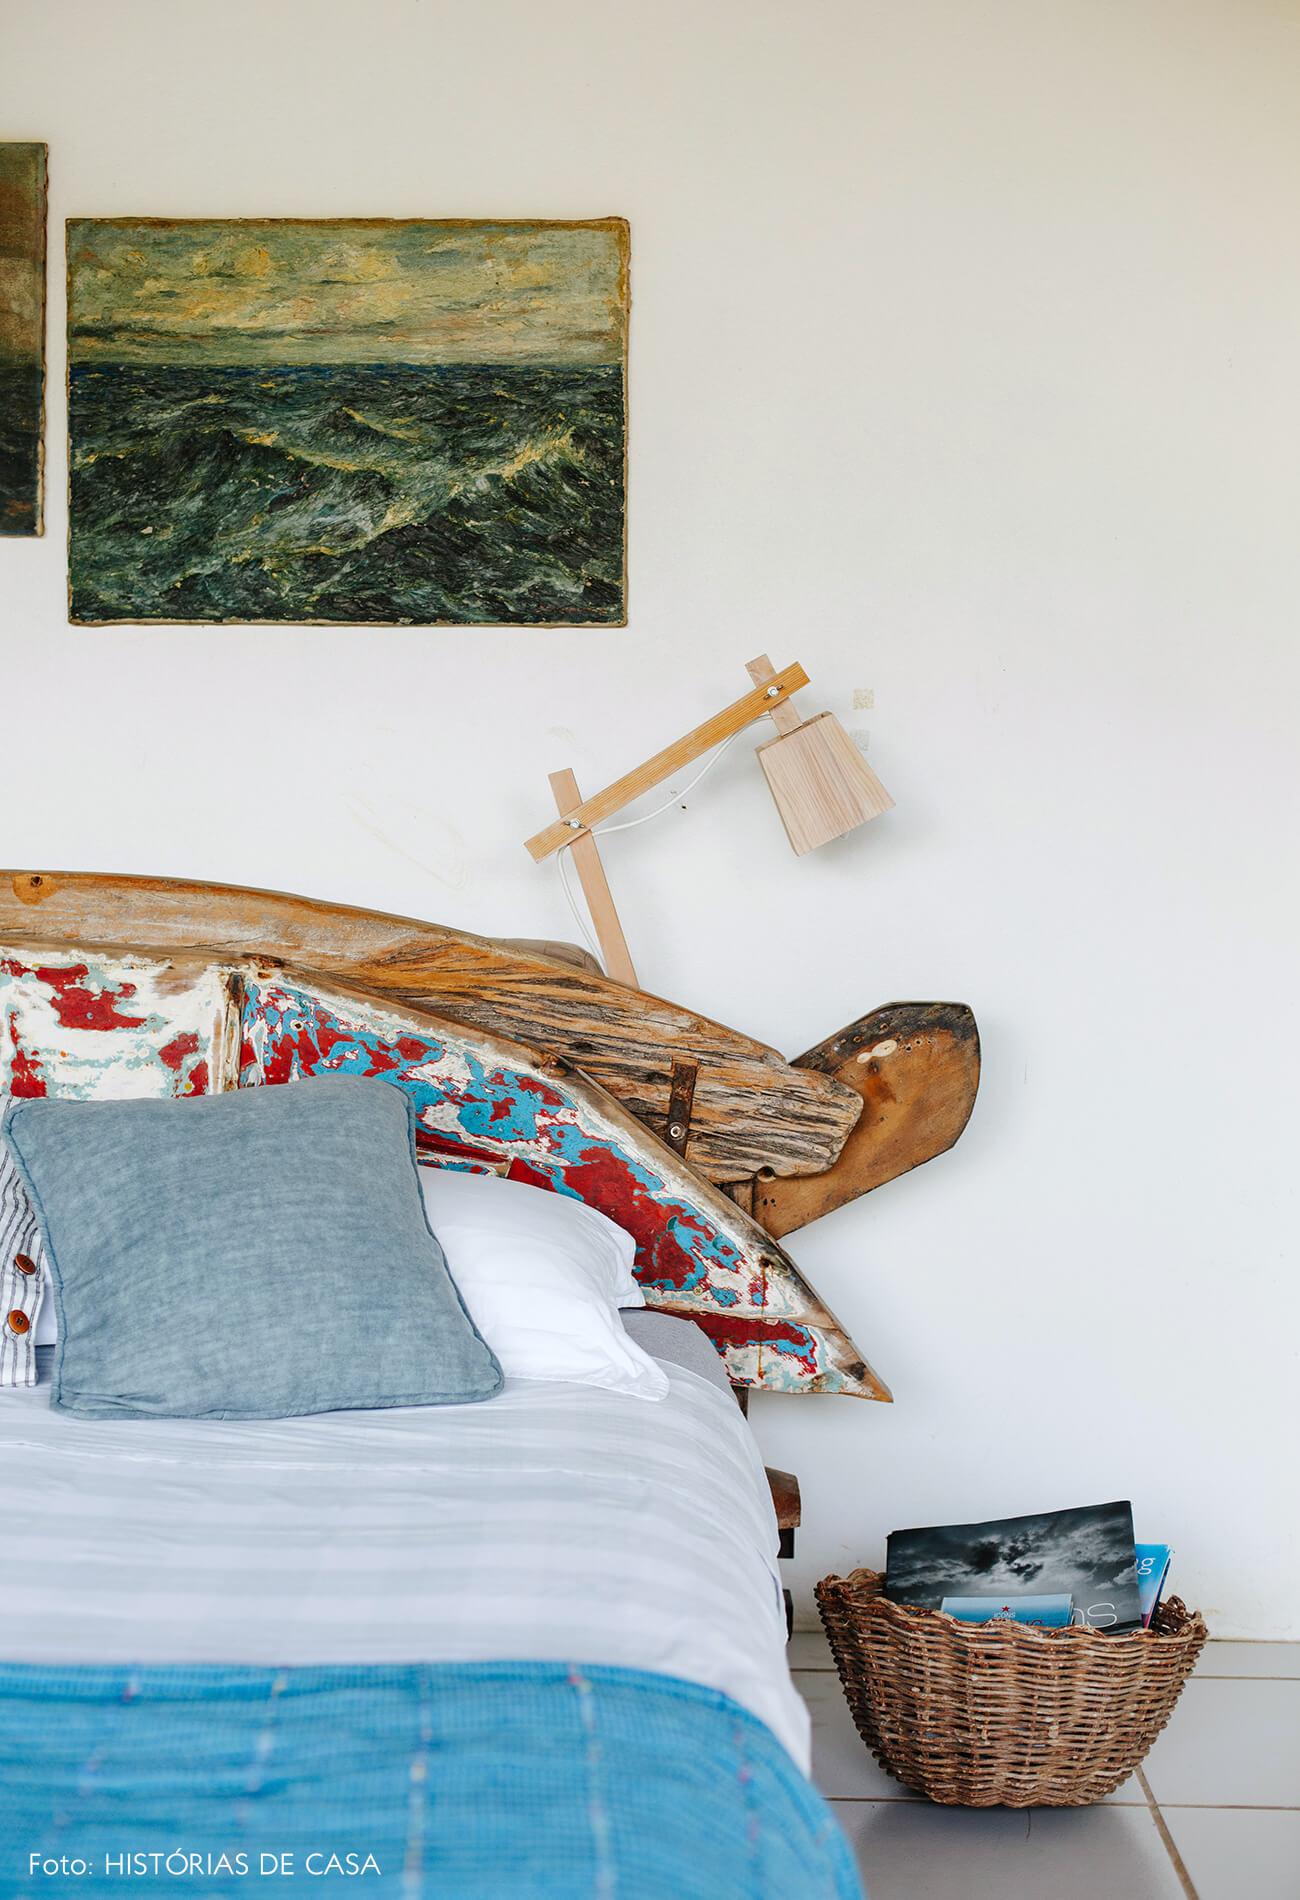 Casa de vidro em Ubatuba, quarto com cama rústica de madeira